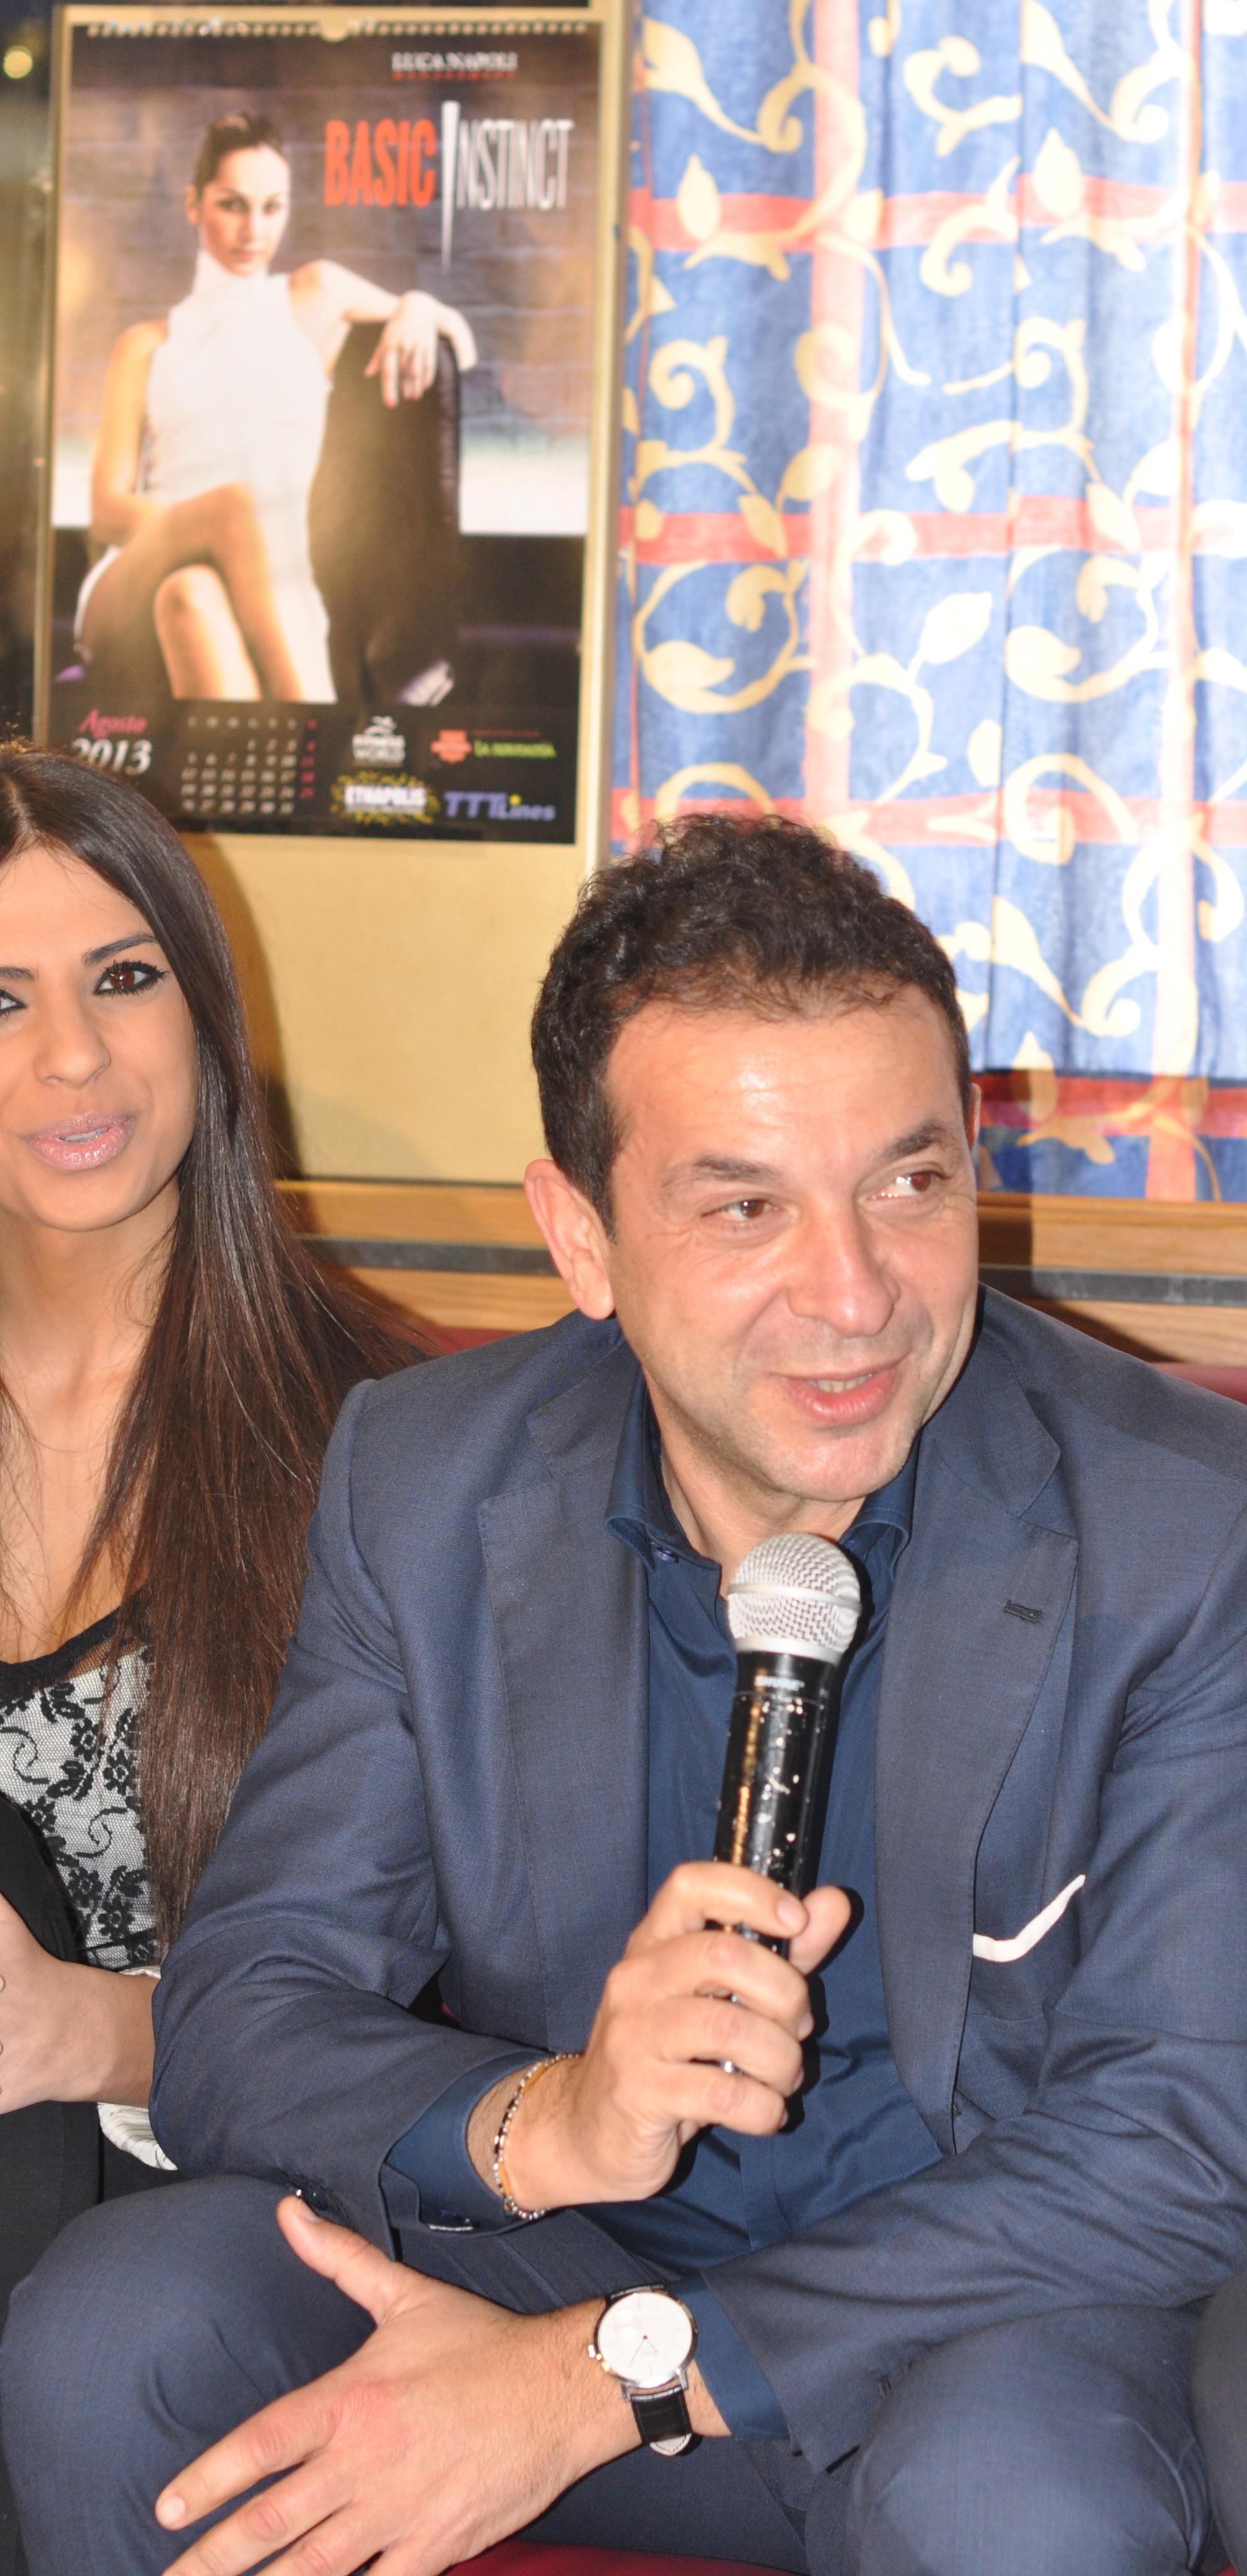 Rosaria Cannavo Calendario.Luca Napoli Presenta Il 4 Calendario Delle Modelle E